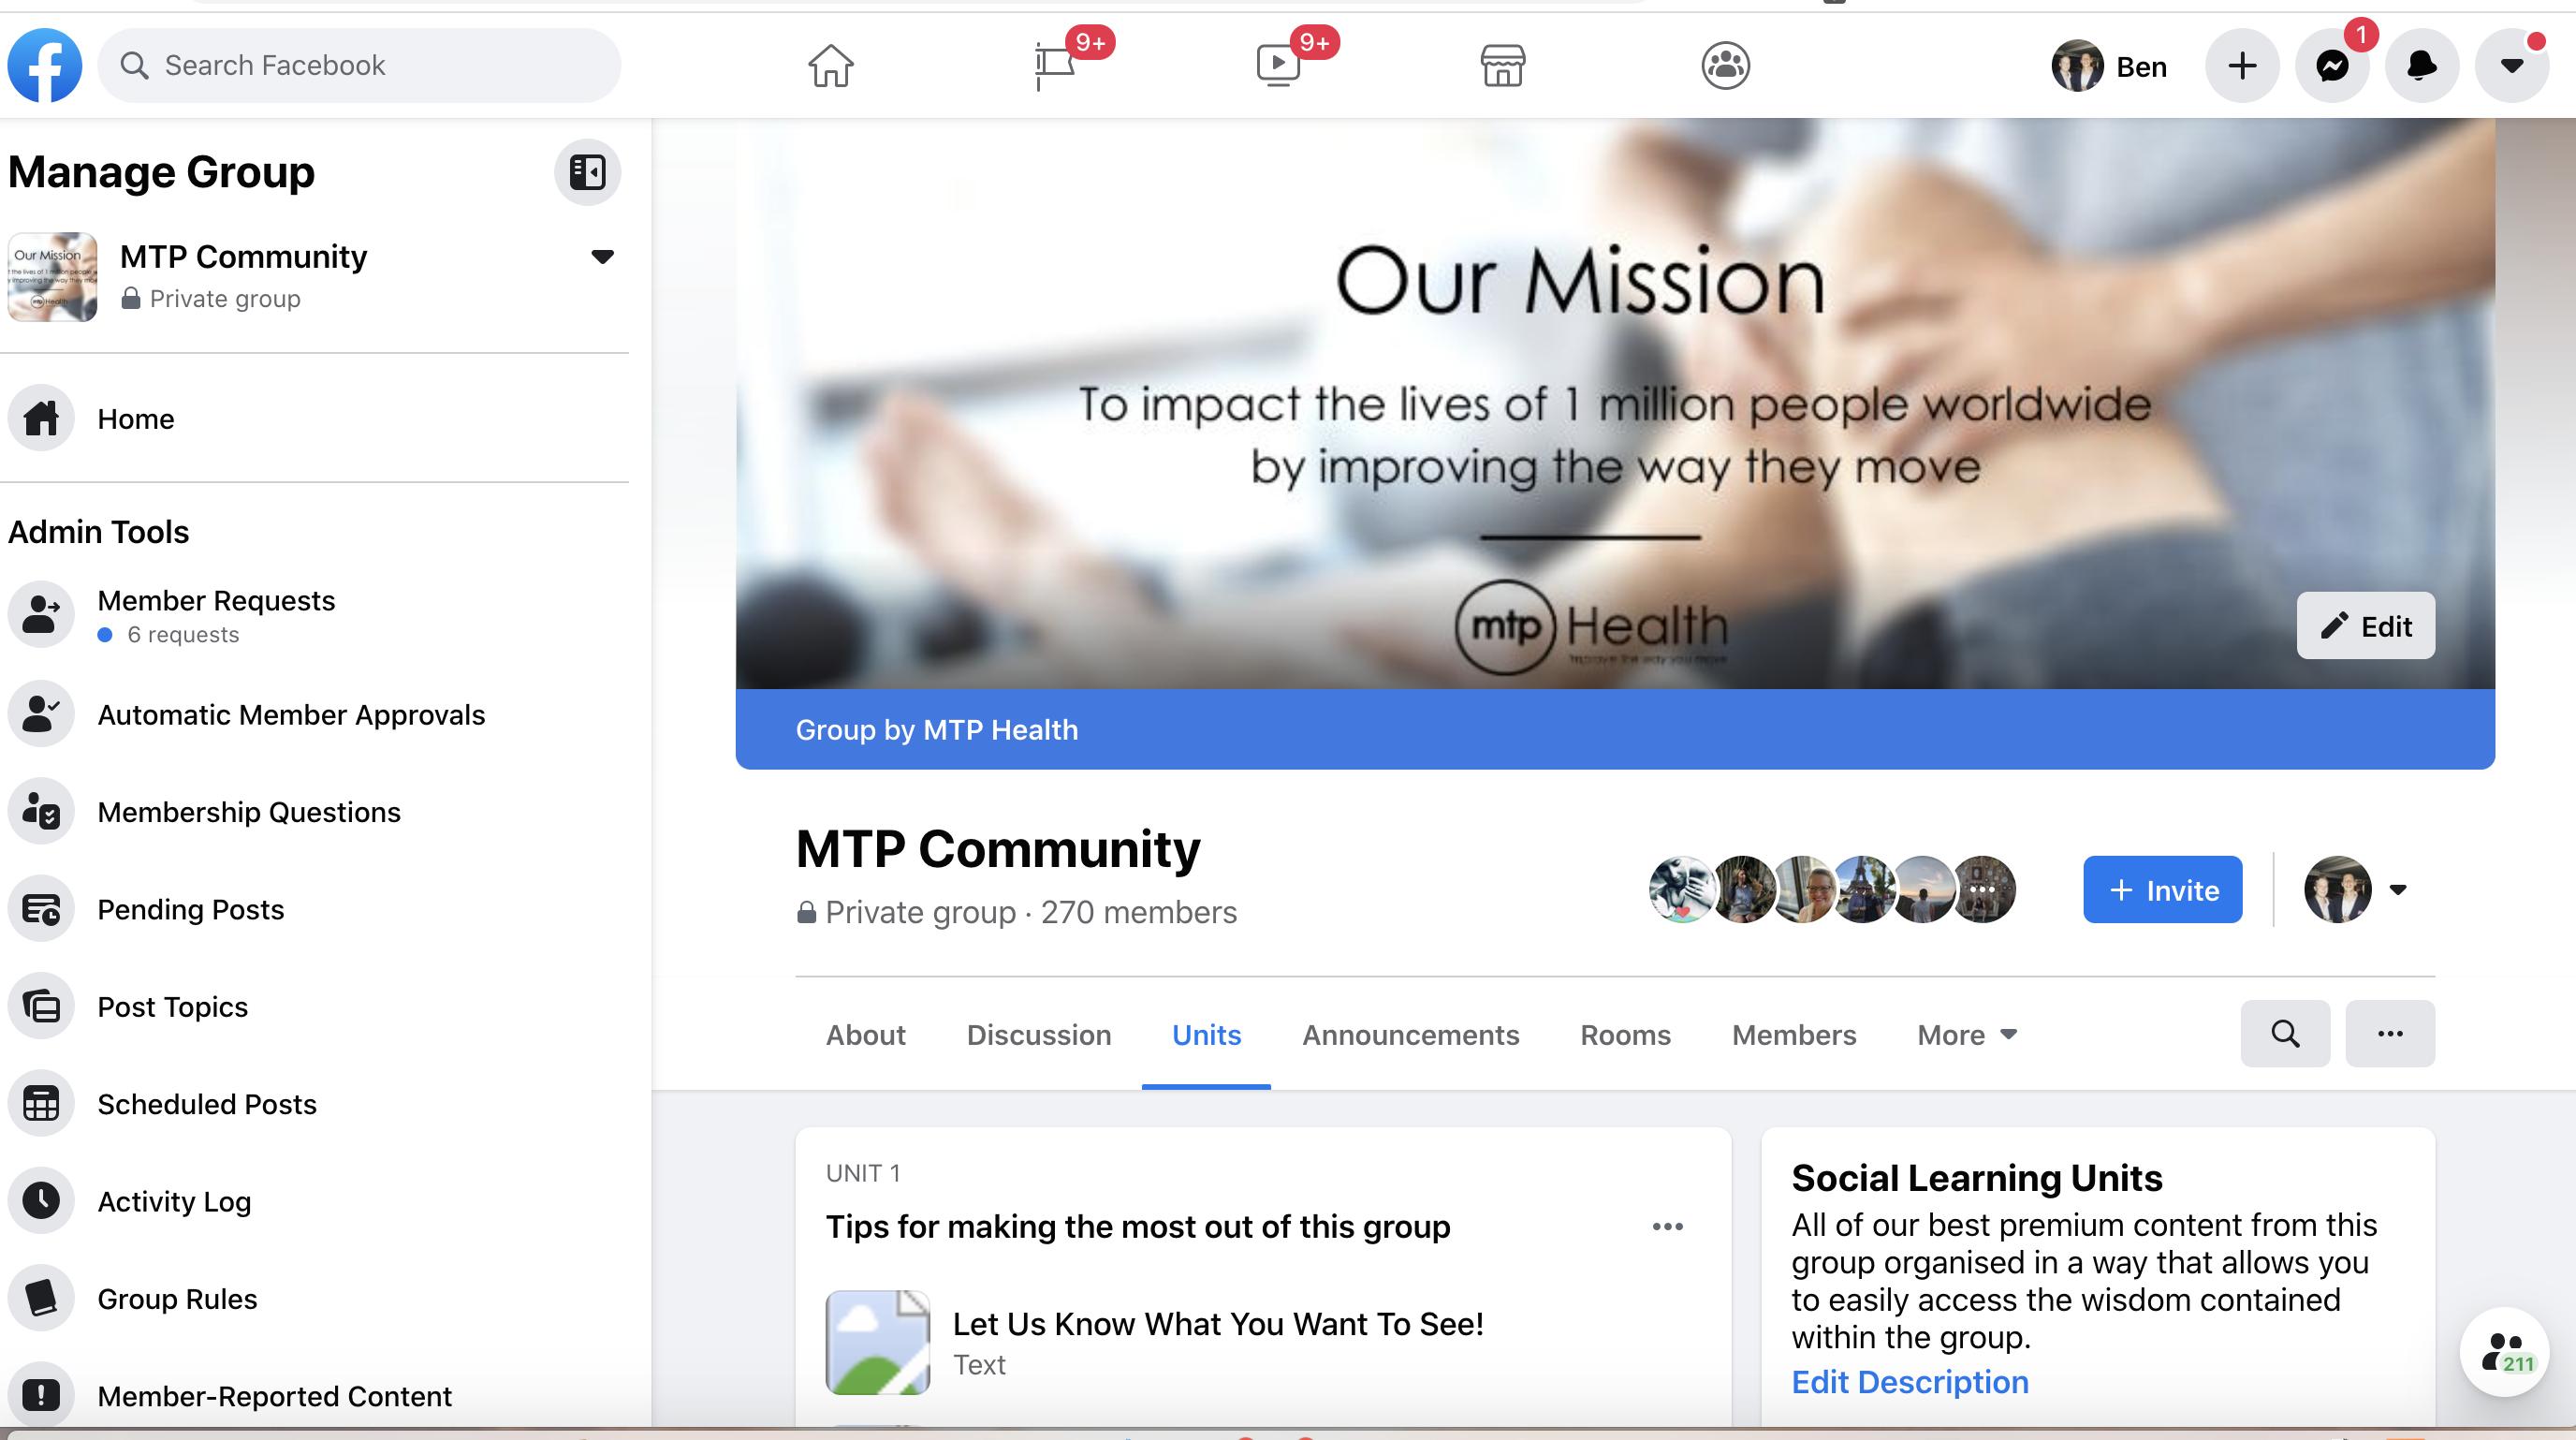 MTP Community